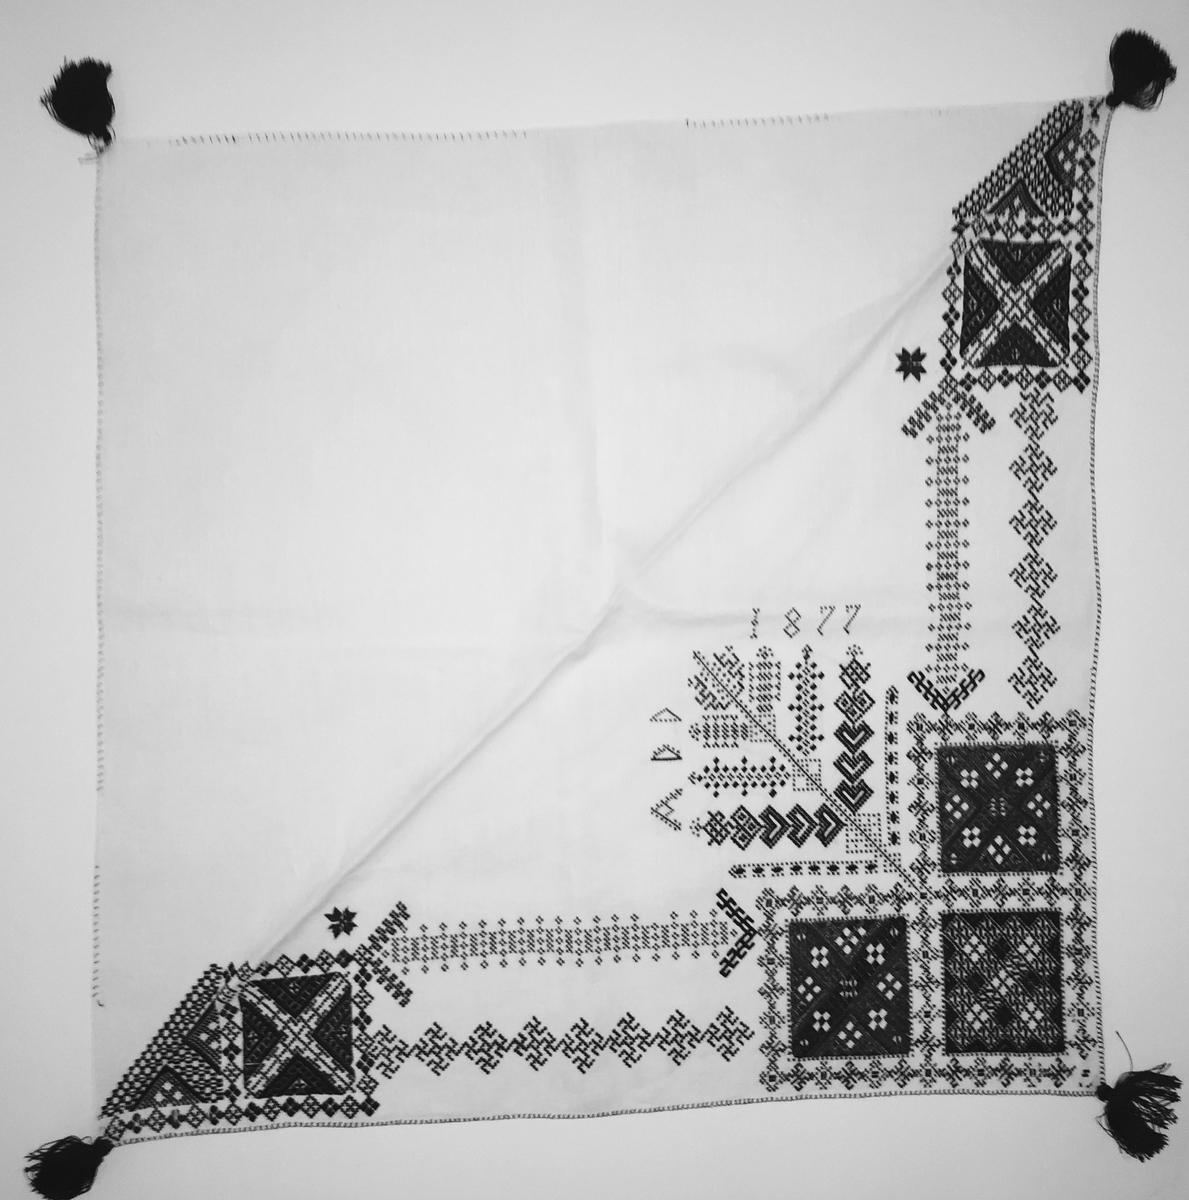 Geometriskt mönster i kvadrater i hörnen,  huvudsakligen i rätlinjig plattsöm. Två bårder mellan kvadraterna på ryggsnibb och framsnibbar.  På ryggsnibben tre kvadrater och en  majstångsspira samt märkning med årtal och initialer. På varje framsnibb en kvadrat och en trekant. Två ornament